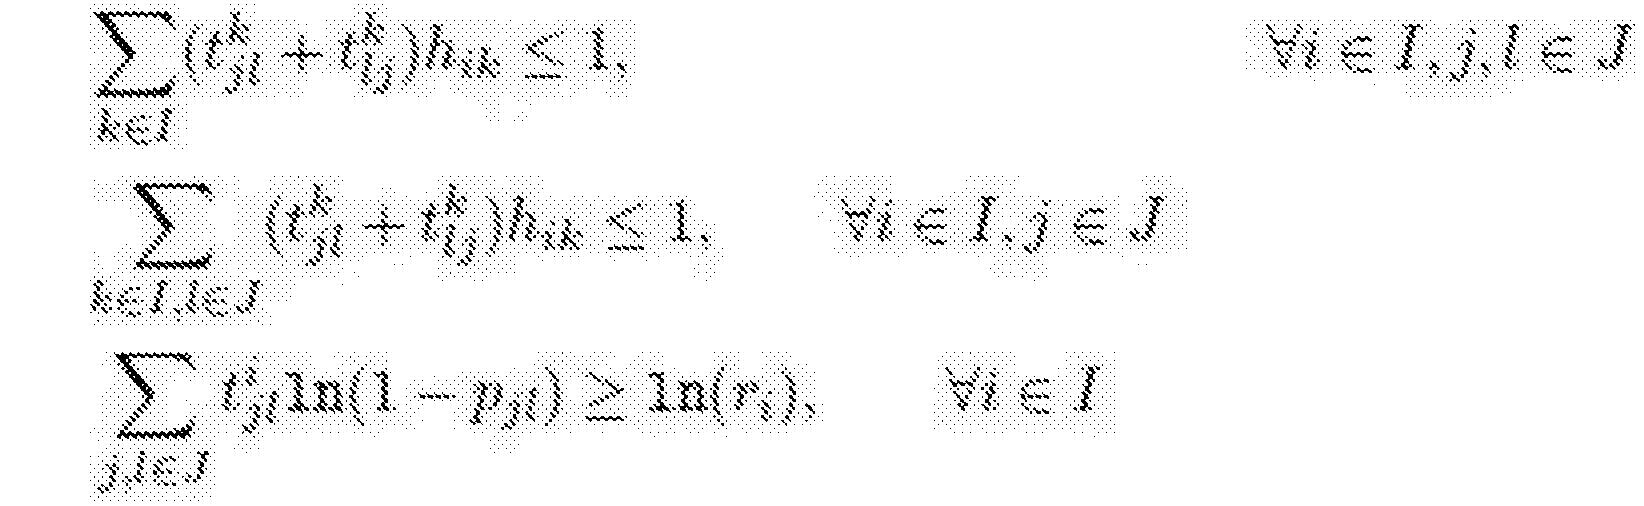 Figure CN106507376AC00031